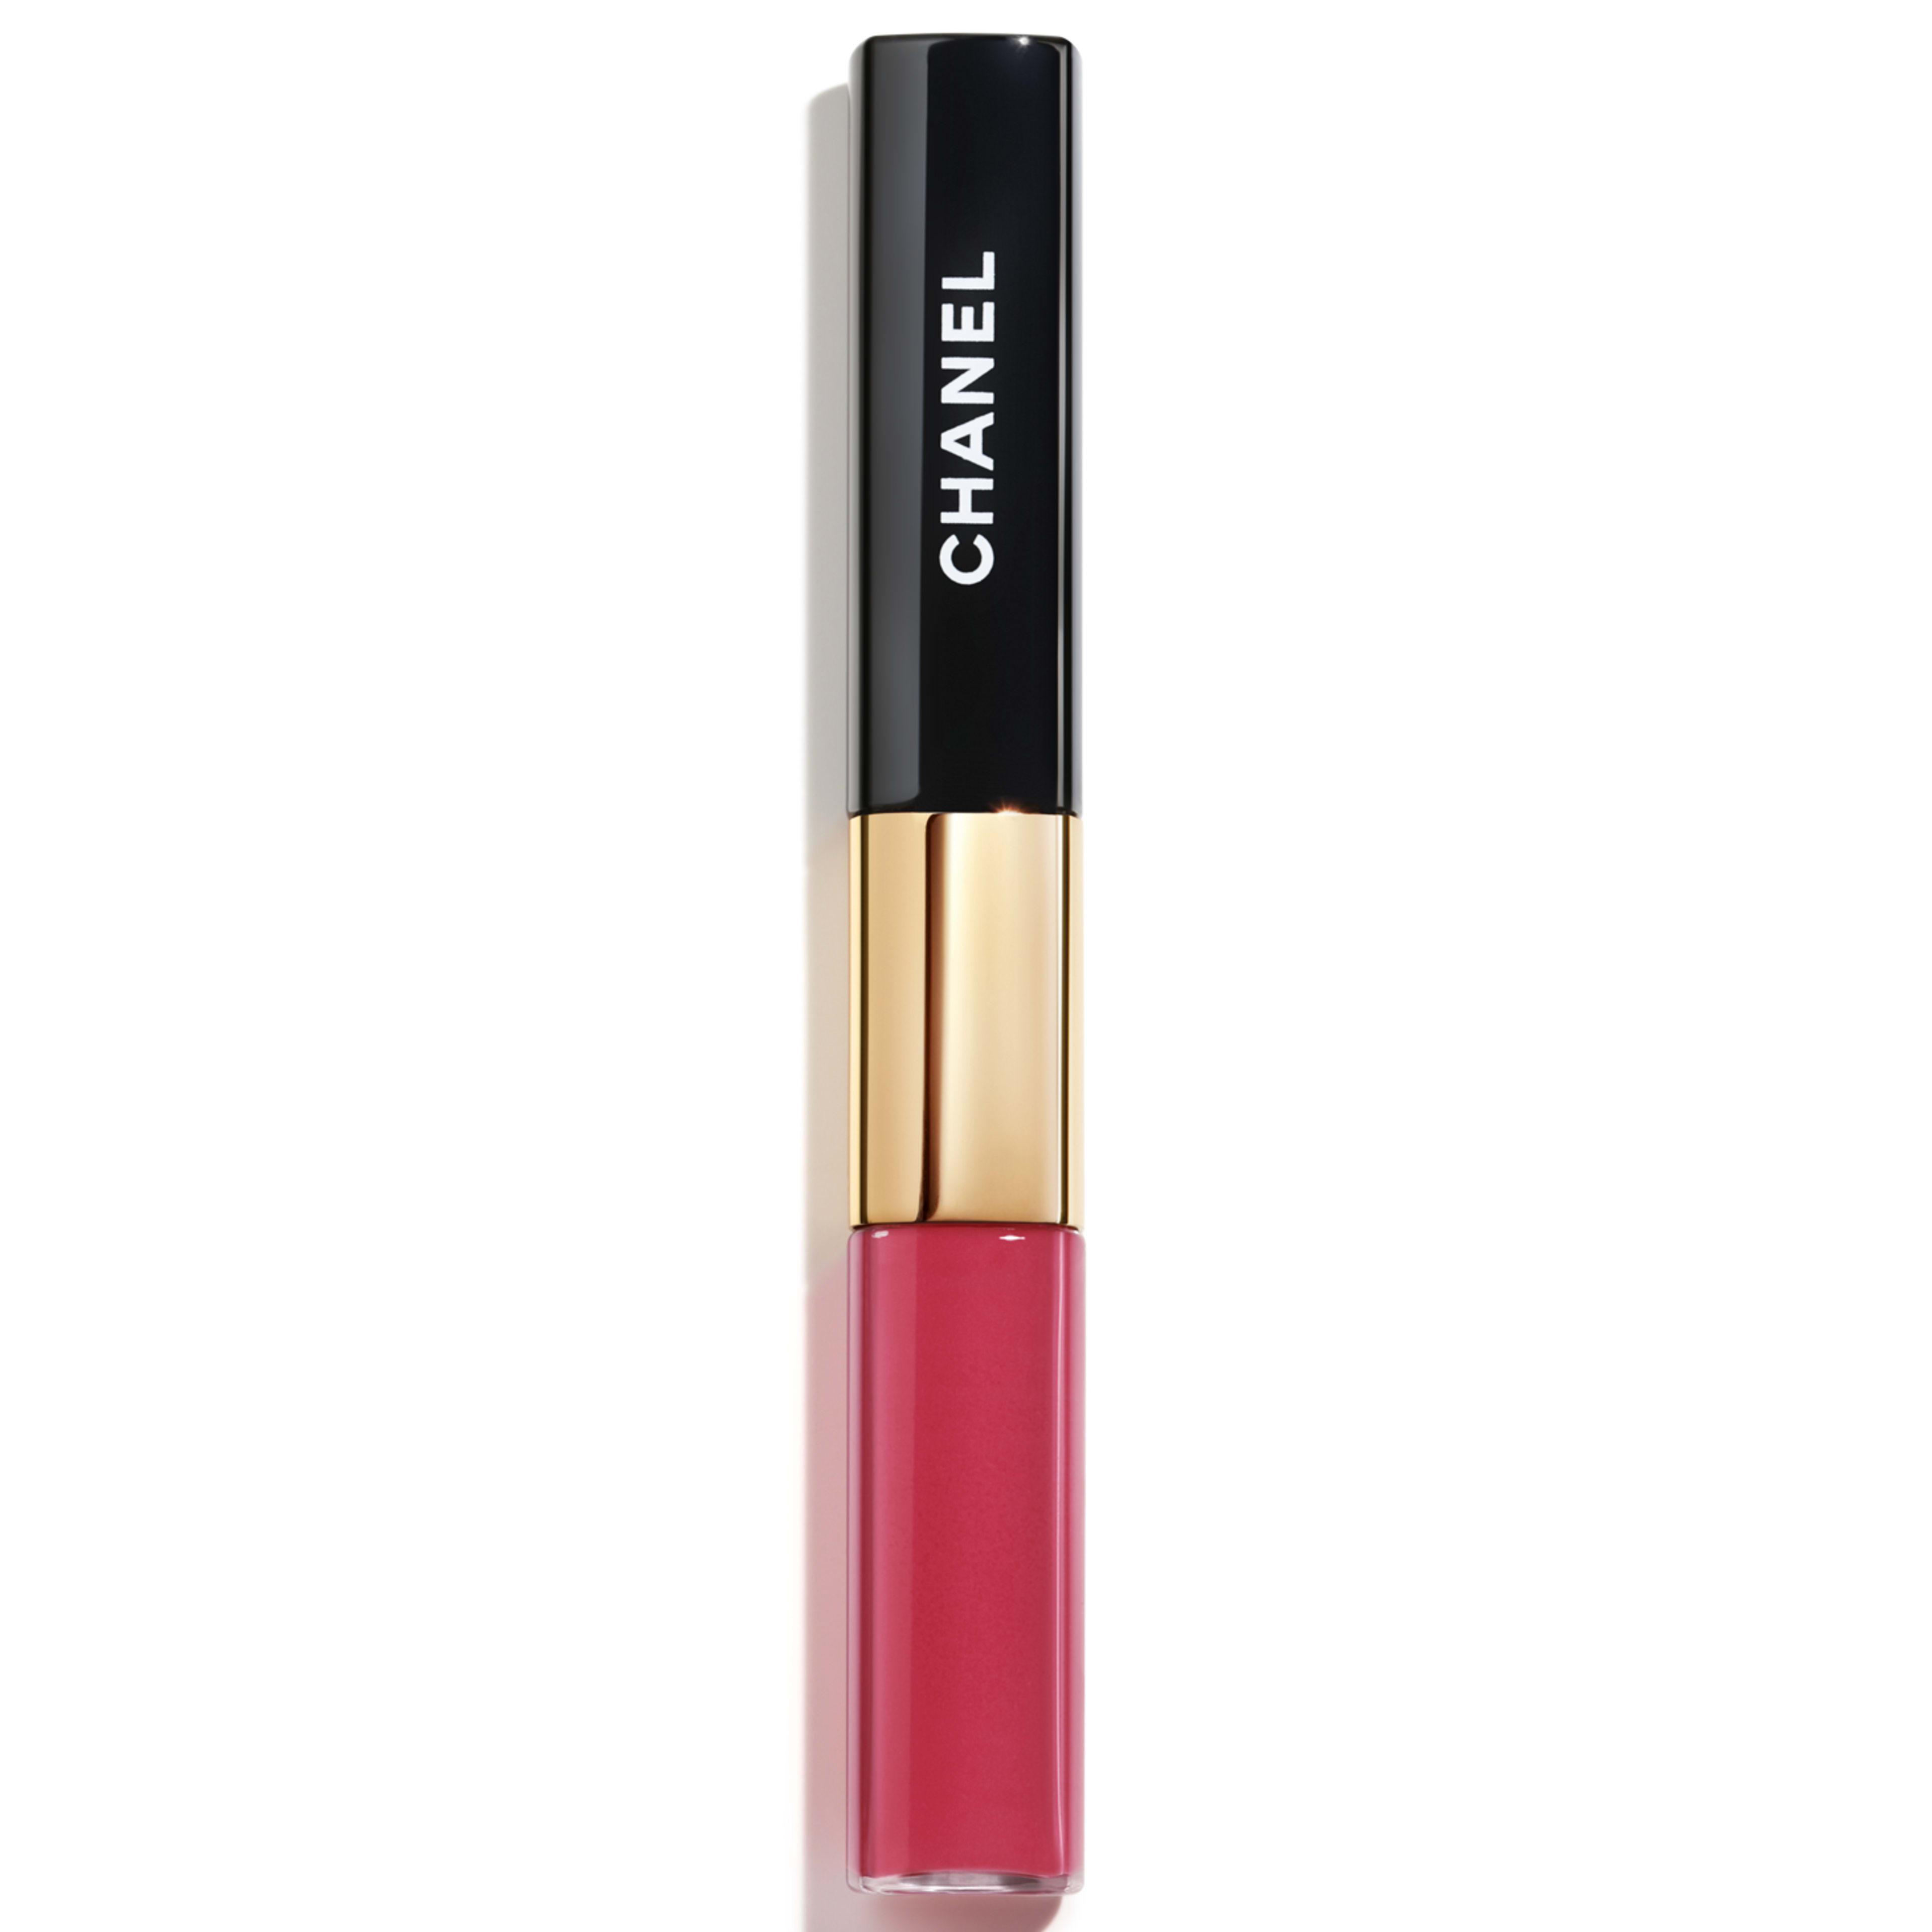 LE ROUGE DUO ULTRA TENUE - makeup - 0.26FL. OZ. - Default view